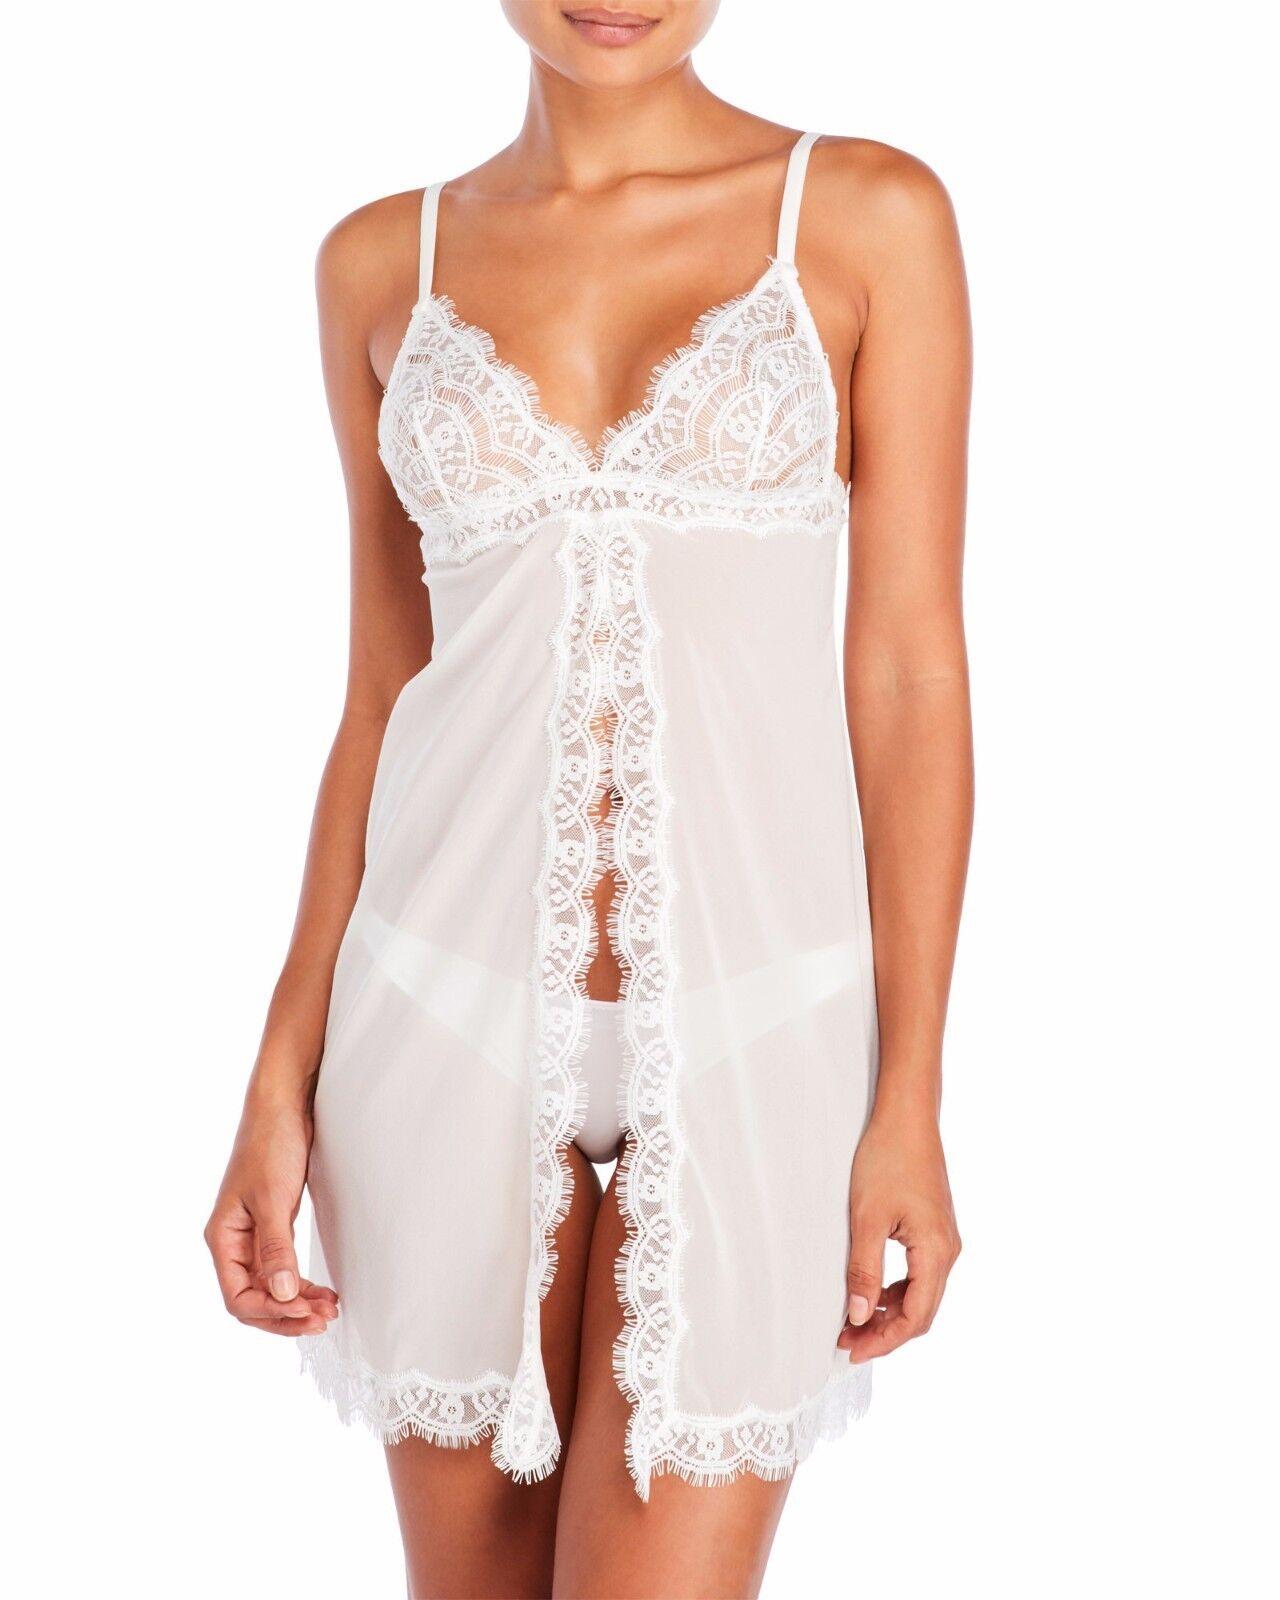 New MIMI HOLLIDAY L bridal white Silk gown Damaris flyaway babydoll dream girl